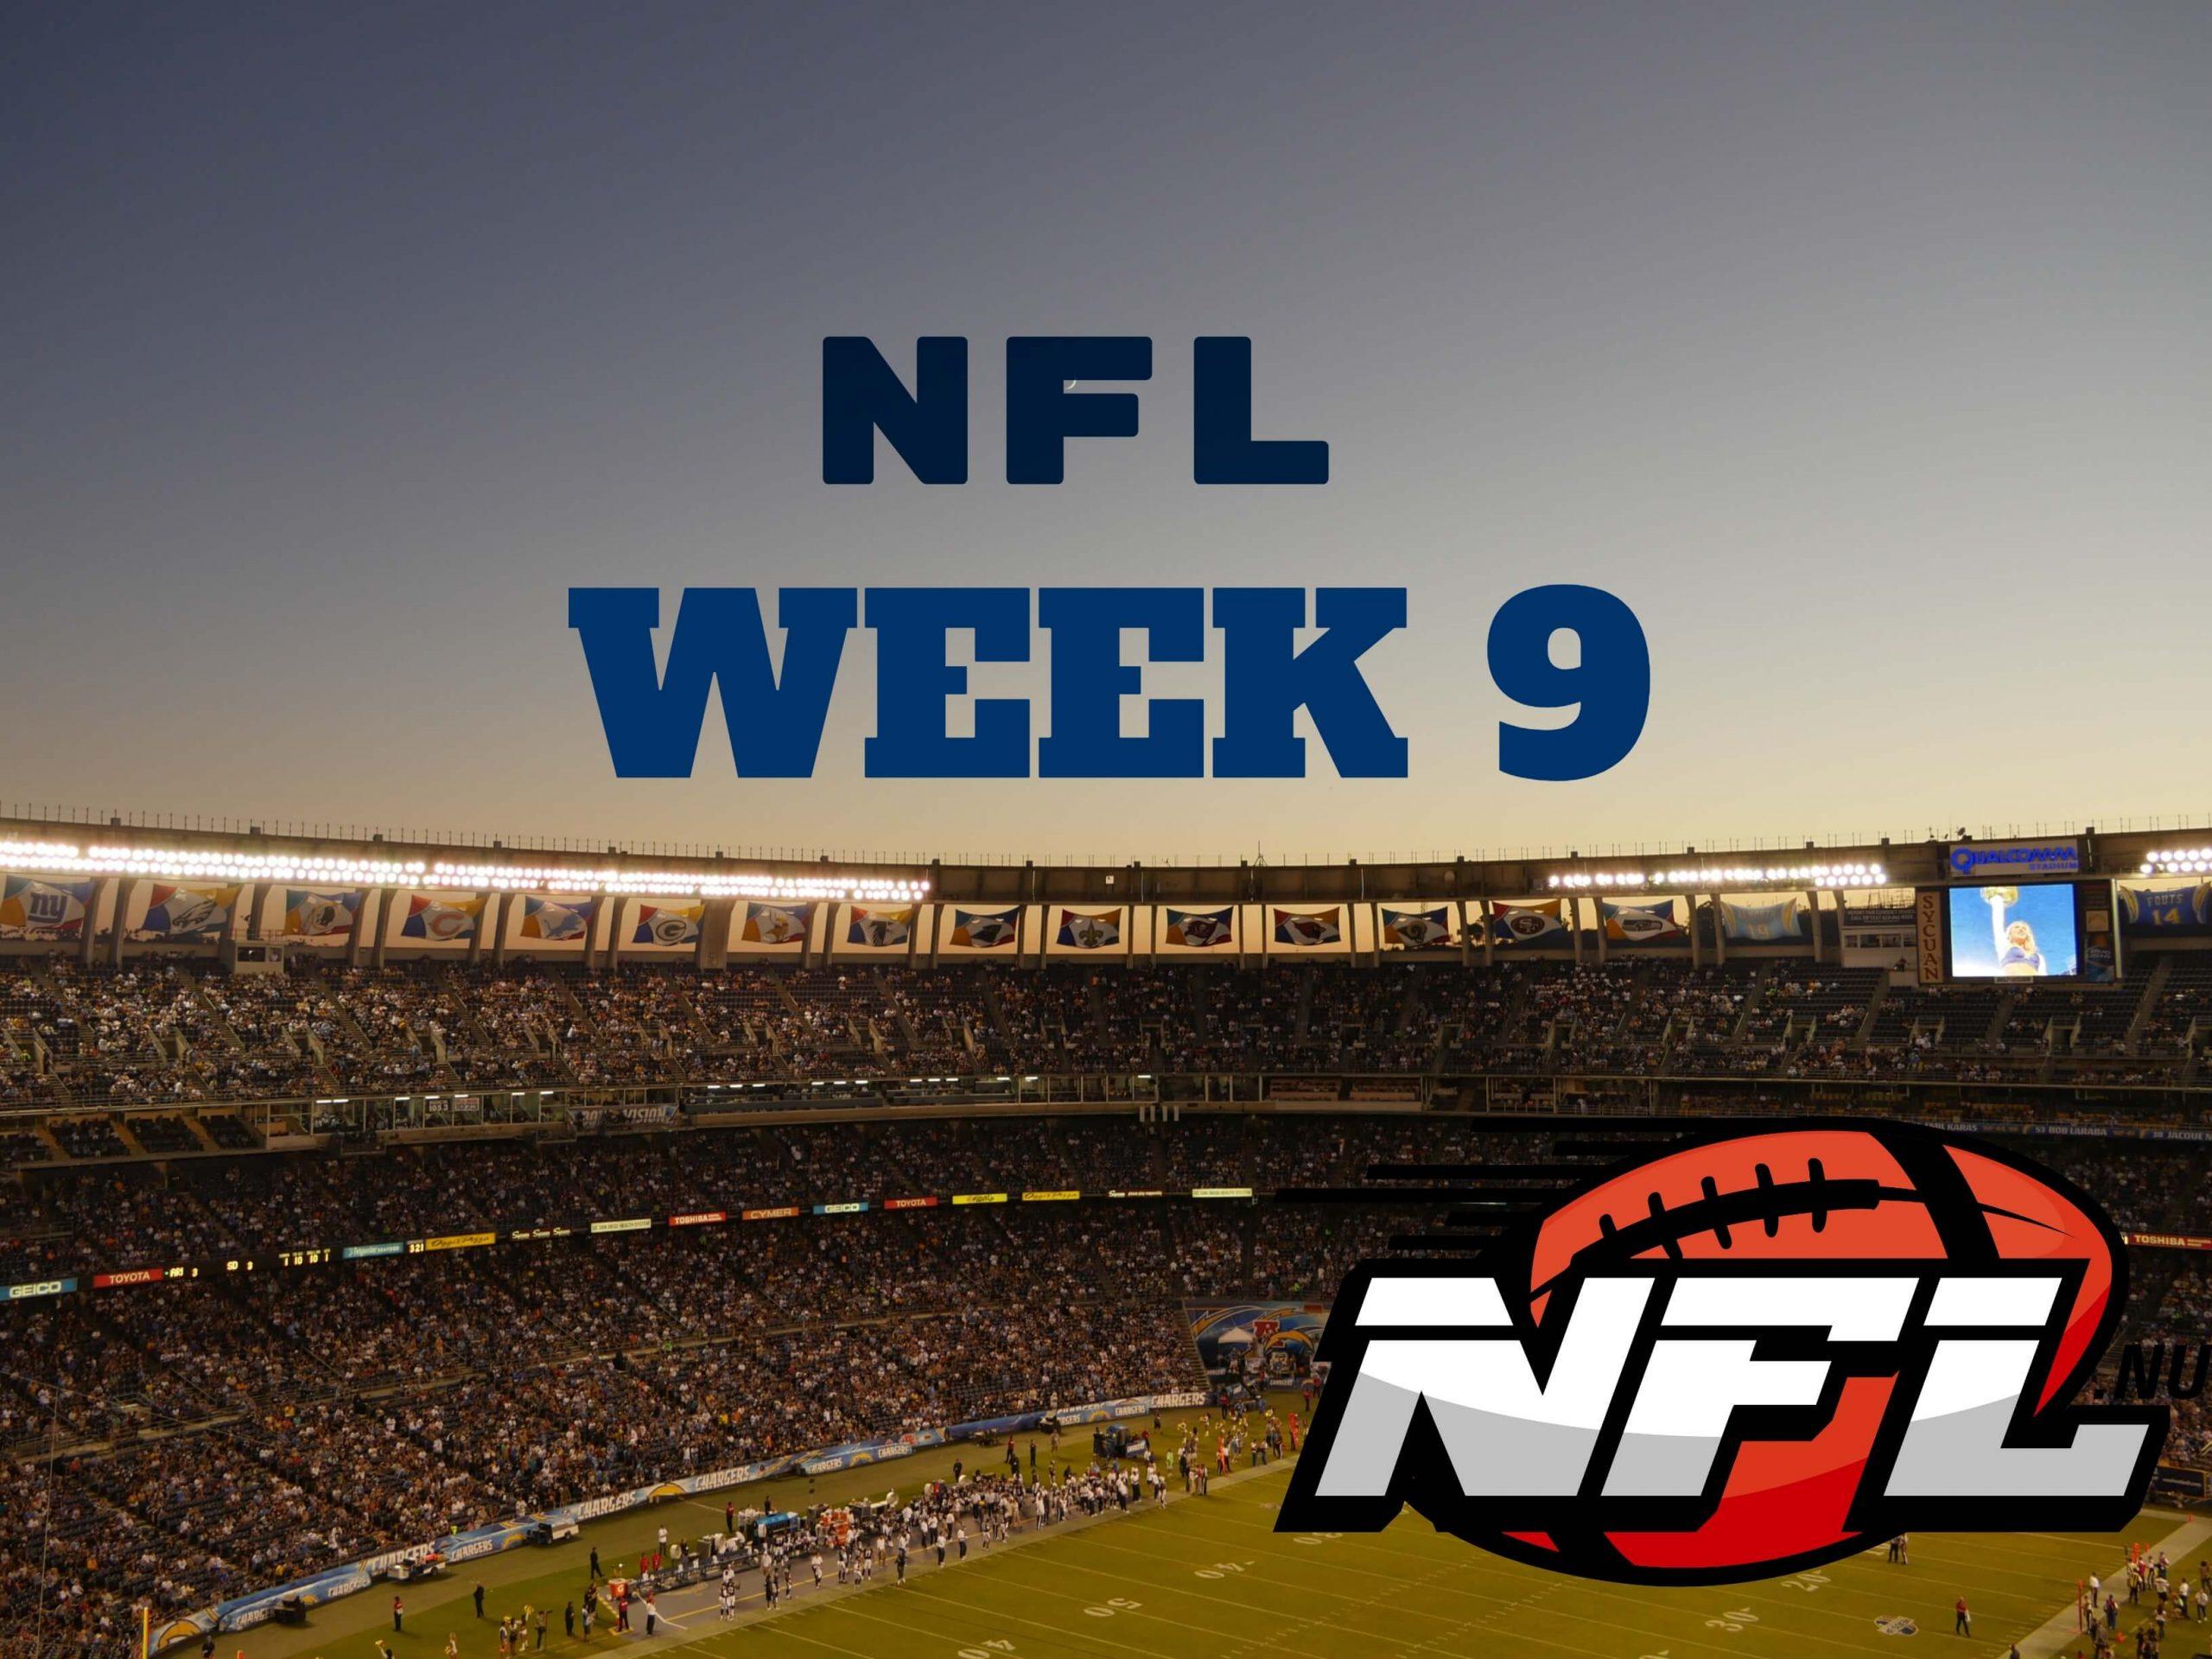 NFL Week 9